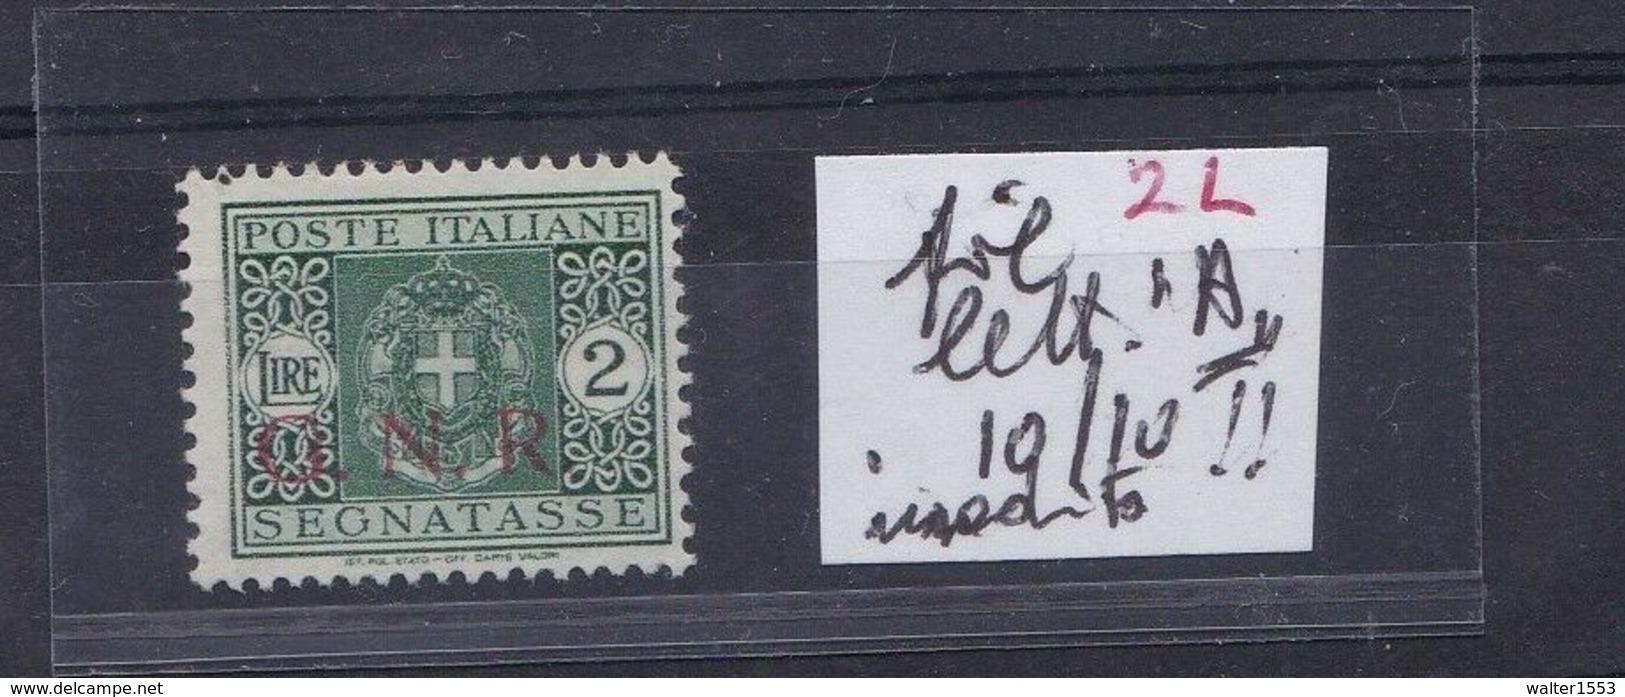 ITALIA 1944 RSI GNR 2 Lire Segnatasse Fifigrana Lettera A Firmato Caffaz RARO !!!! - Strafport